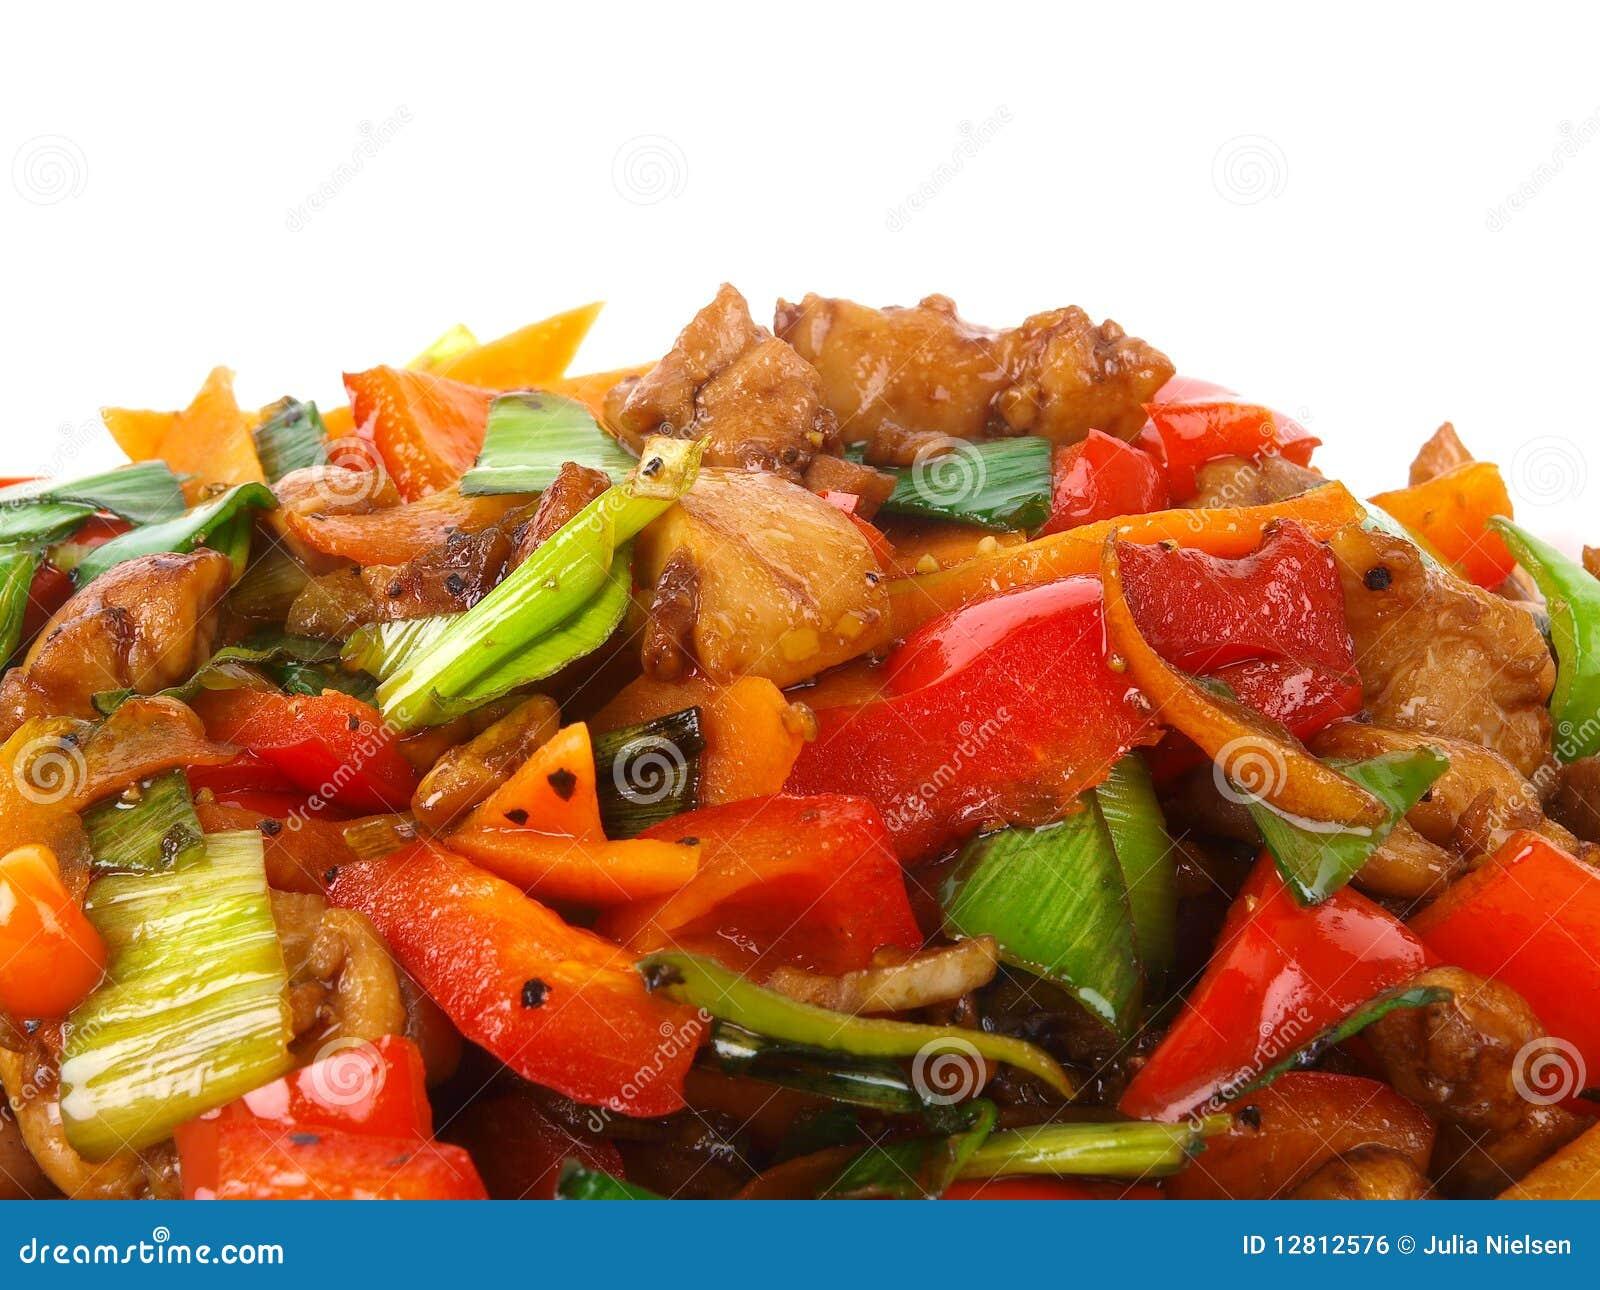 Galinha fritada chinesa com vegetais.